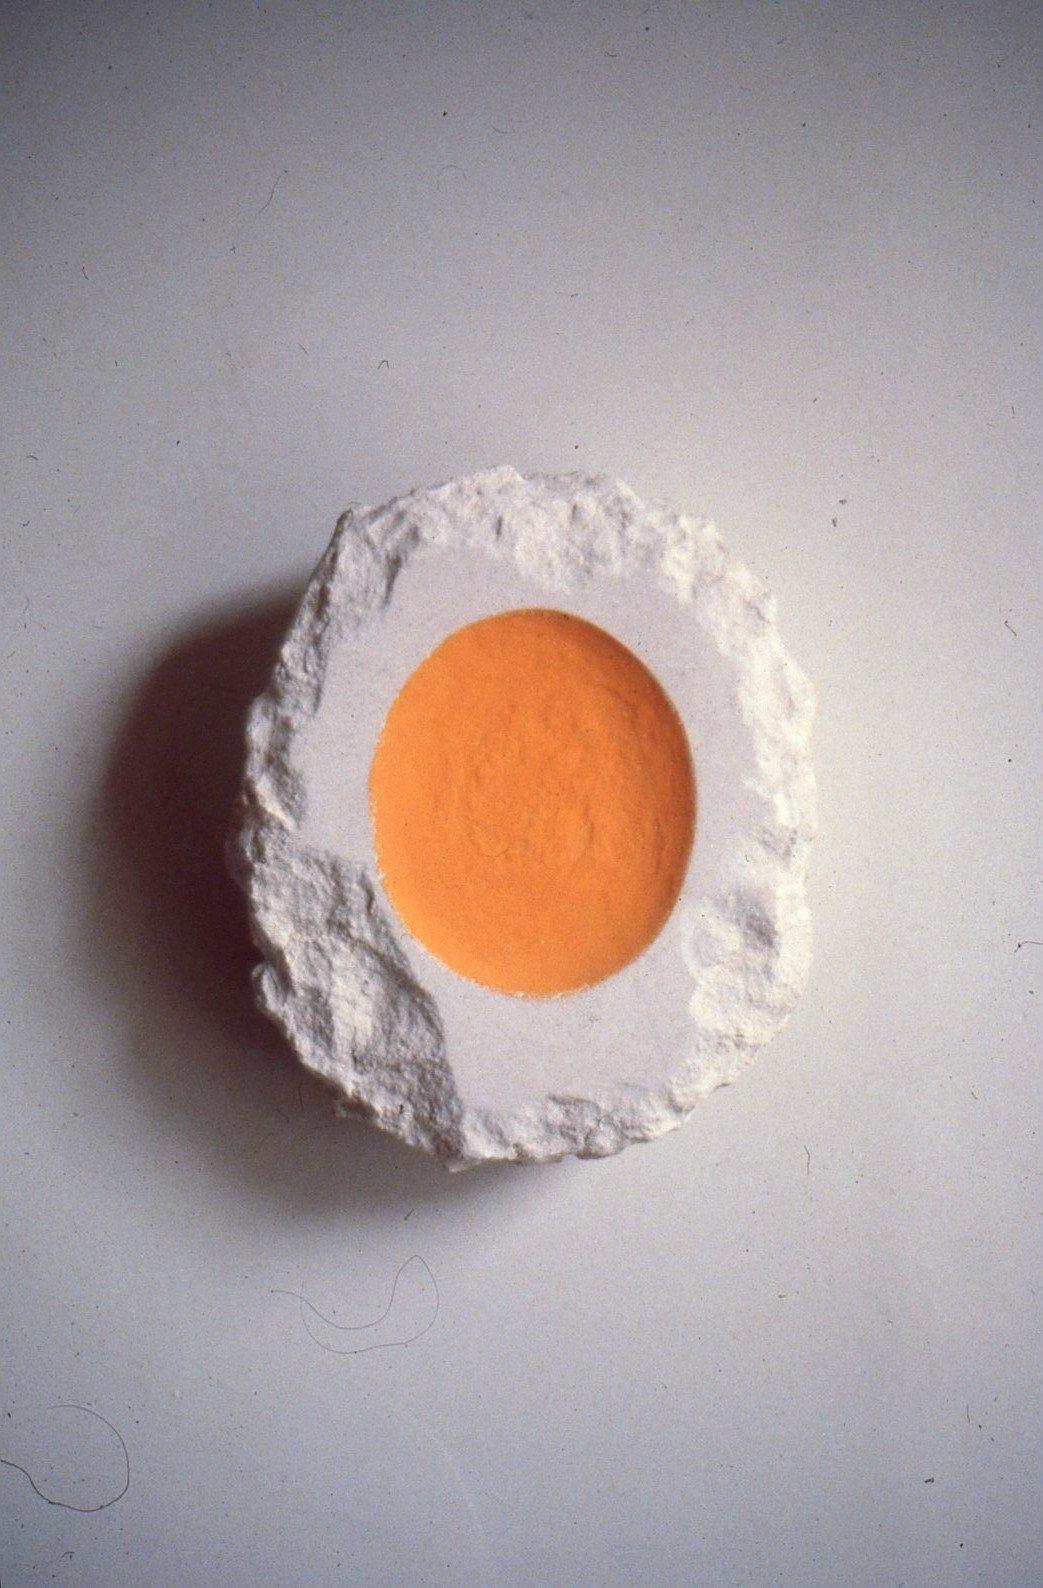 Pigment in Stone VI